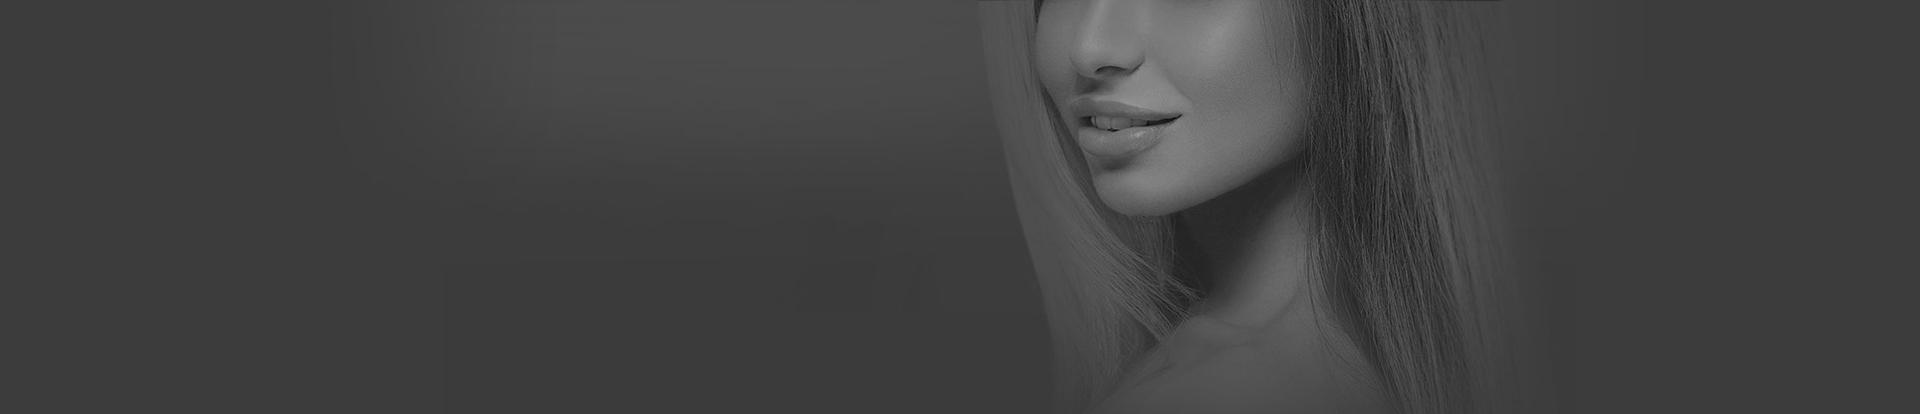 Lip rejuventation moedl 02-1 banner